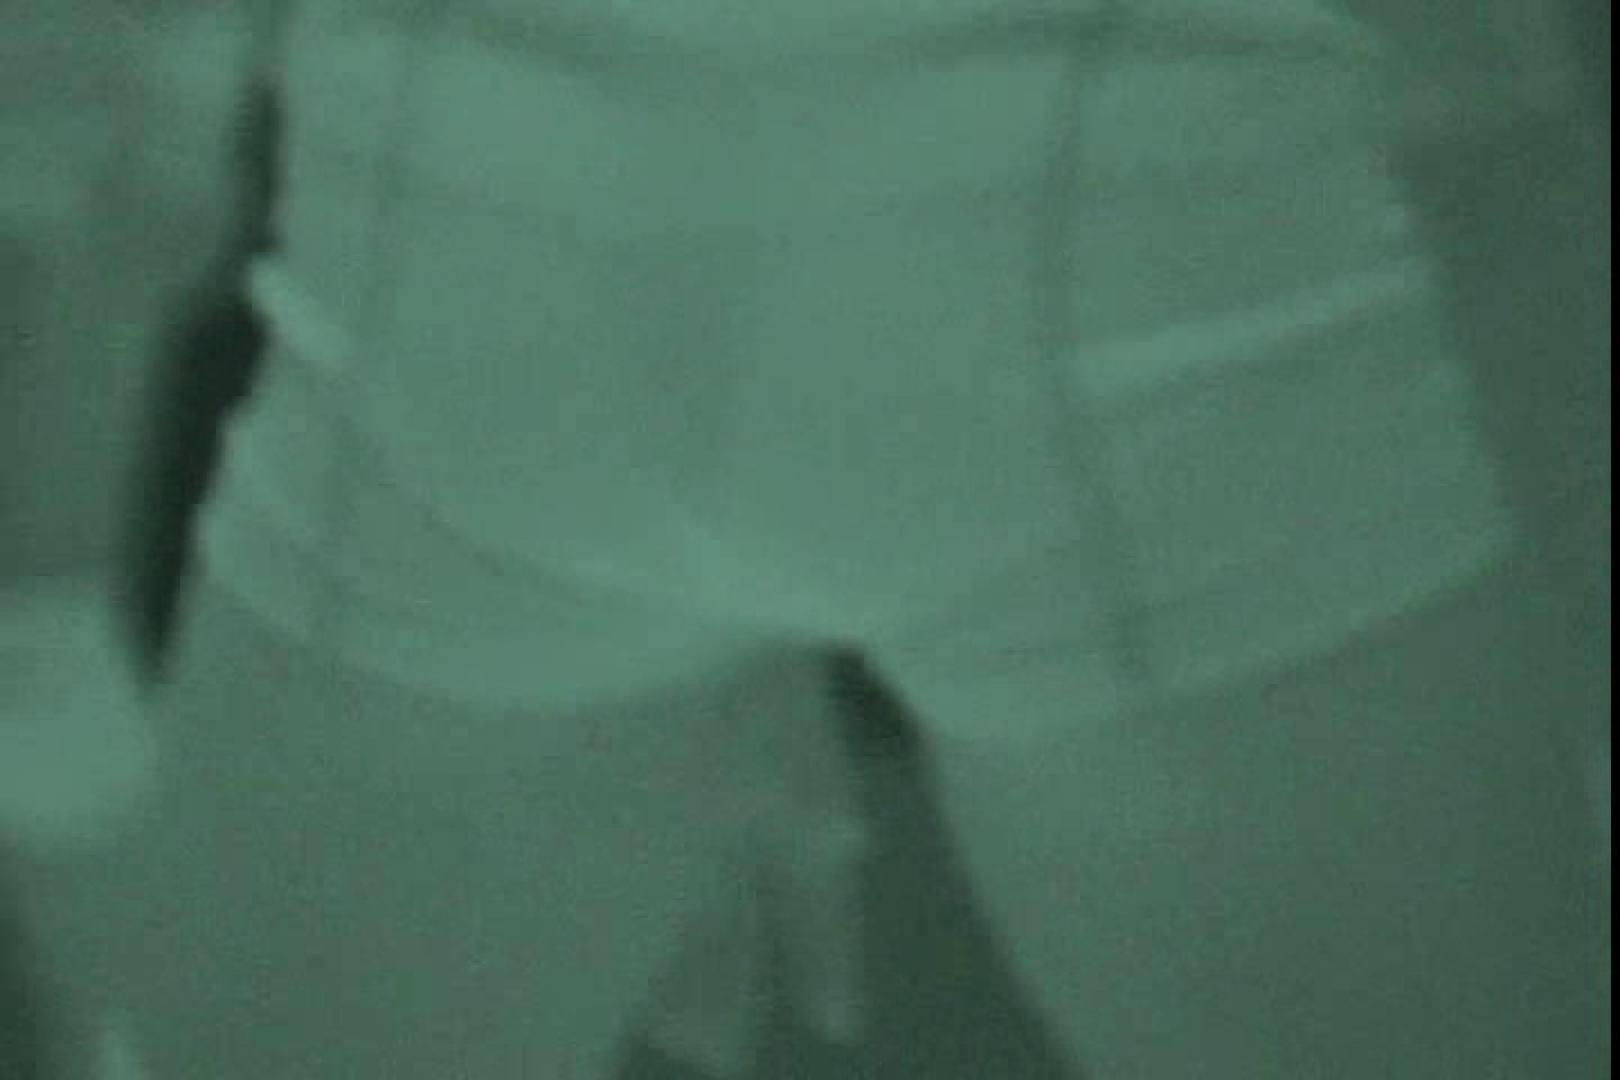 赤外線ムレスケバレー(汗) vol.09 赤外線 すけべAV動画紹介 86連発 38